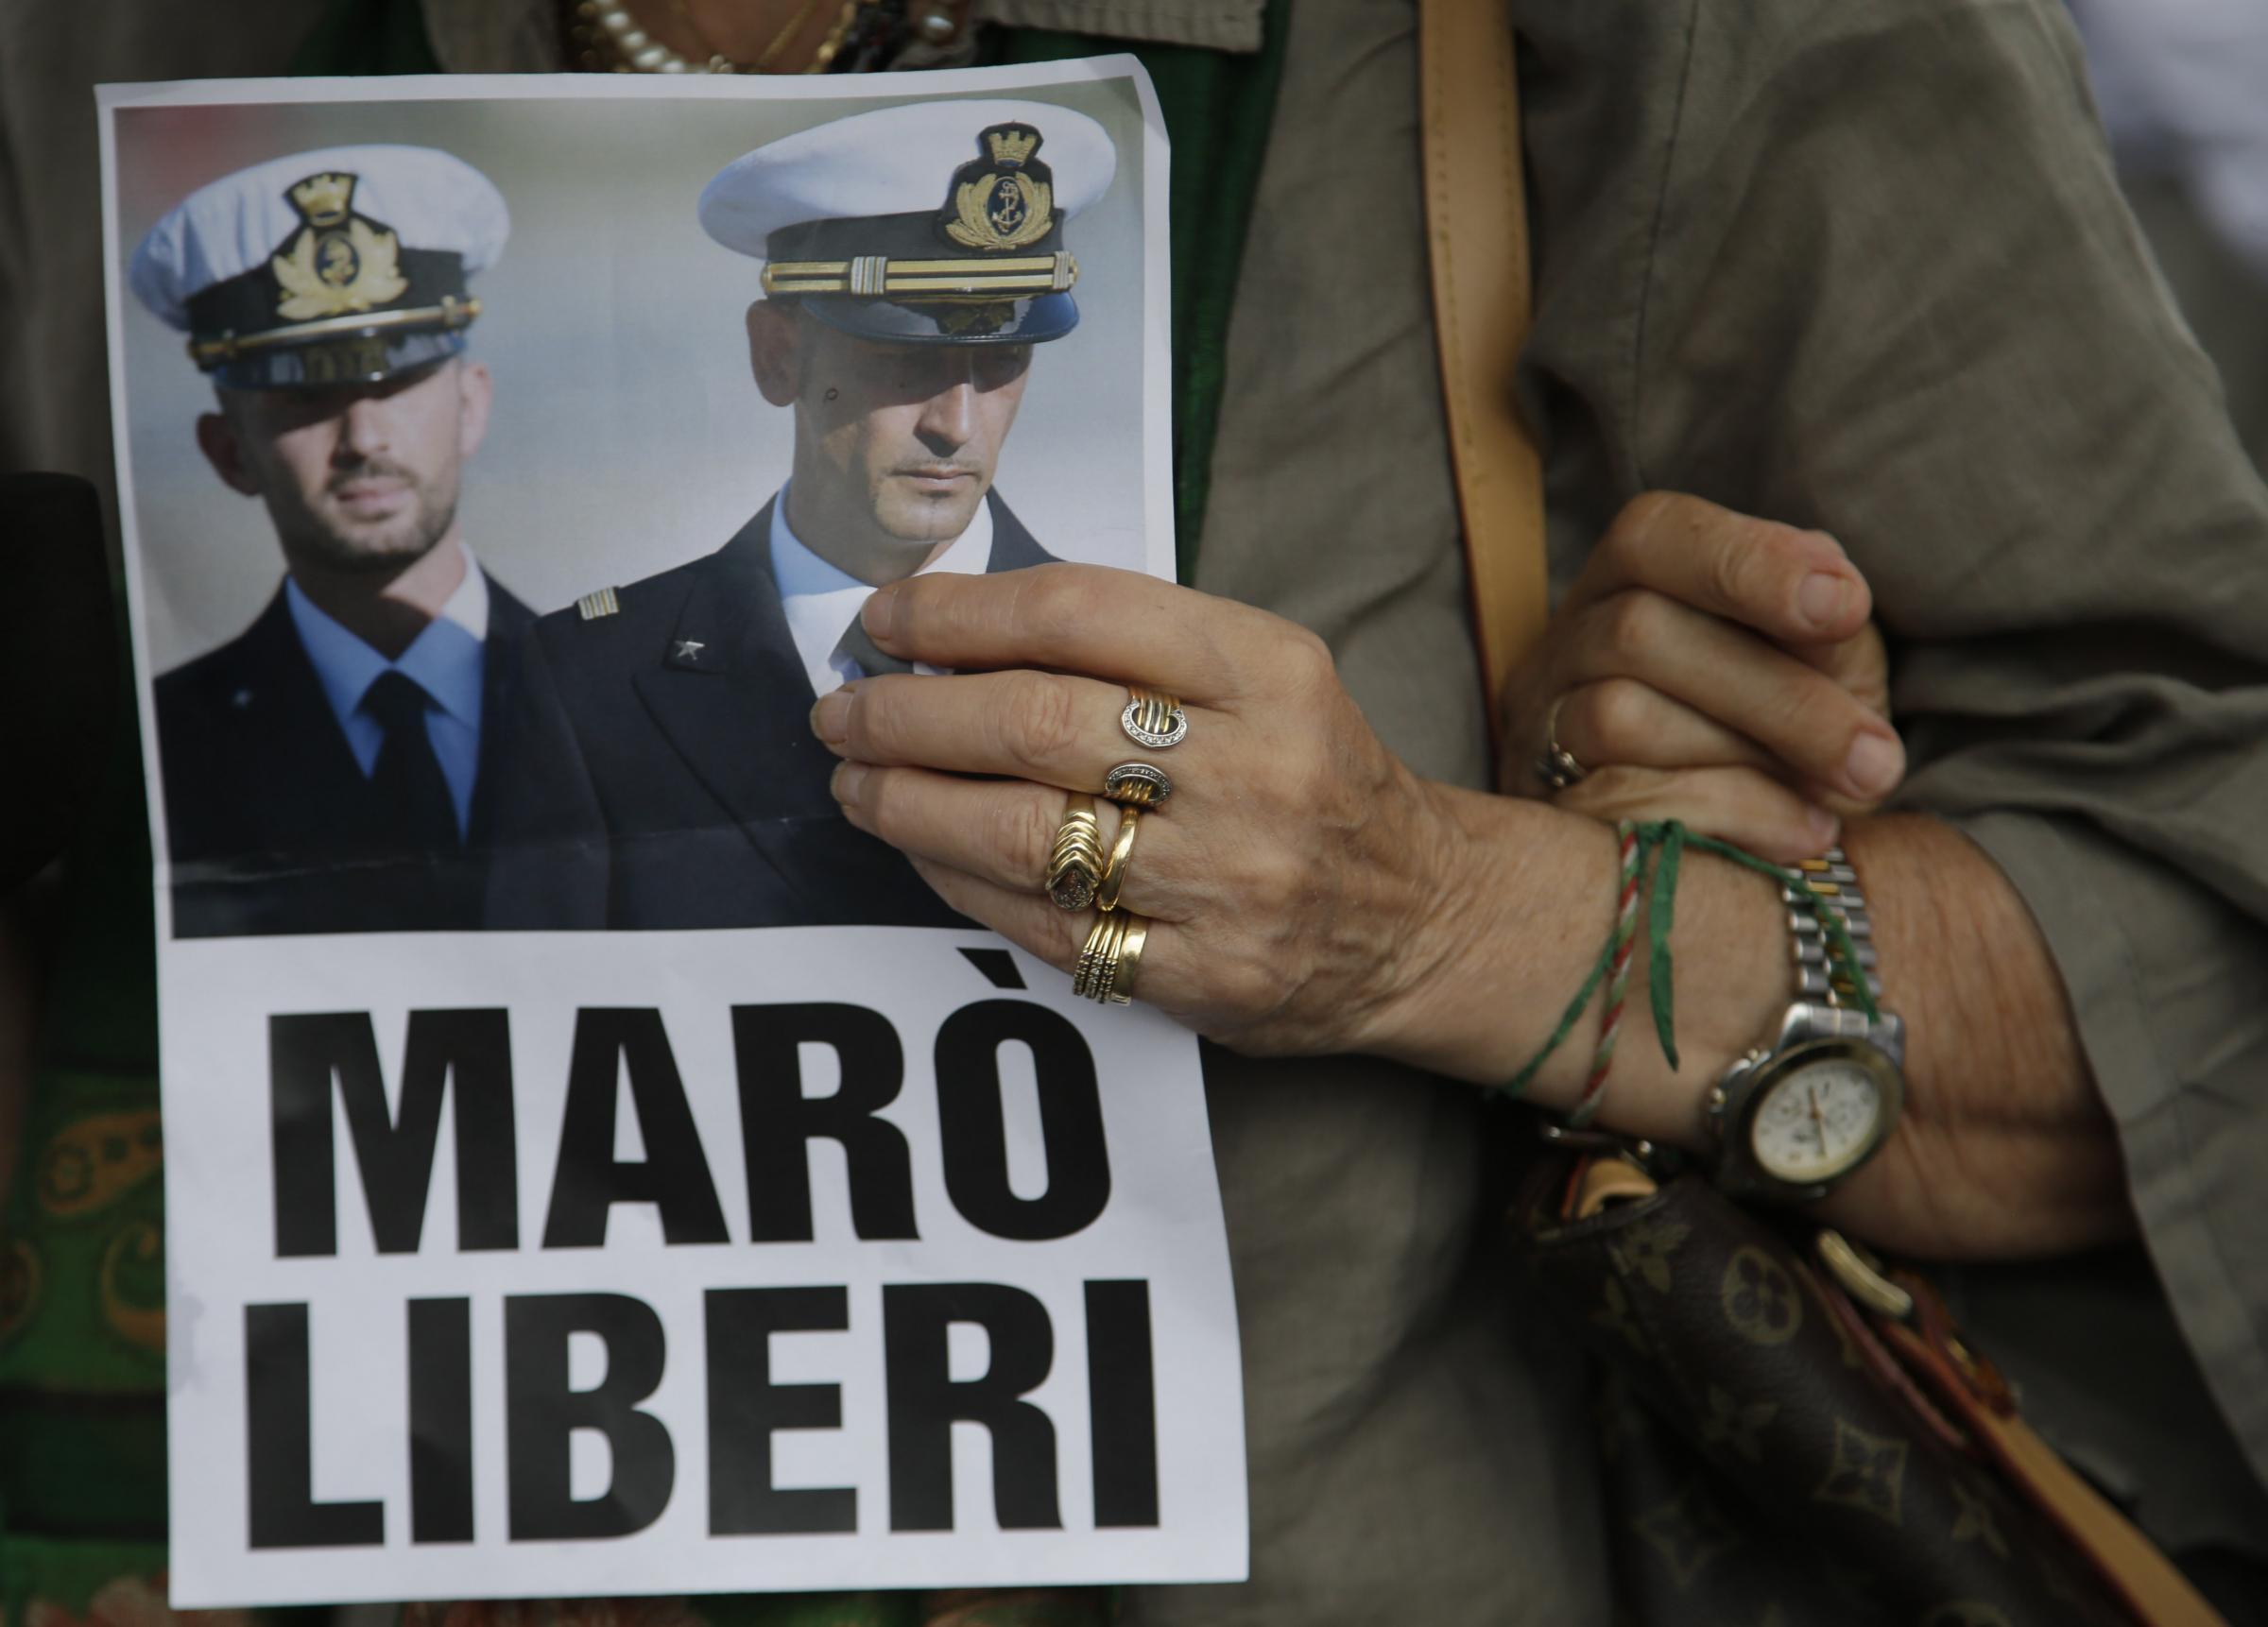 L'India dice «no» ai due Marò italiani. Il ministro Pinotti: Latorre sta male, deve curarsi, non tornerà